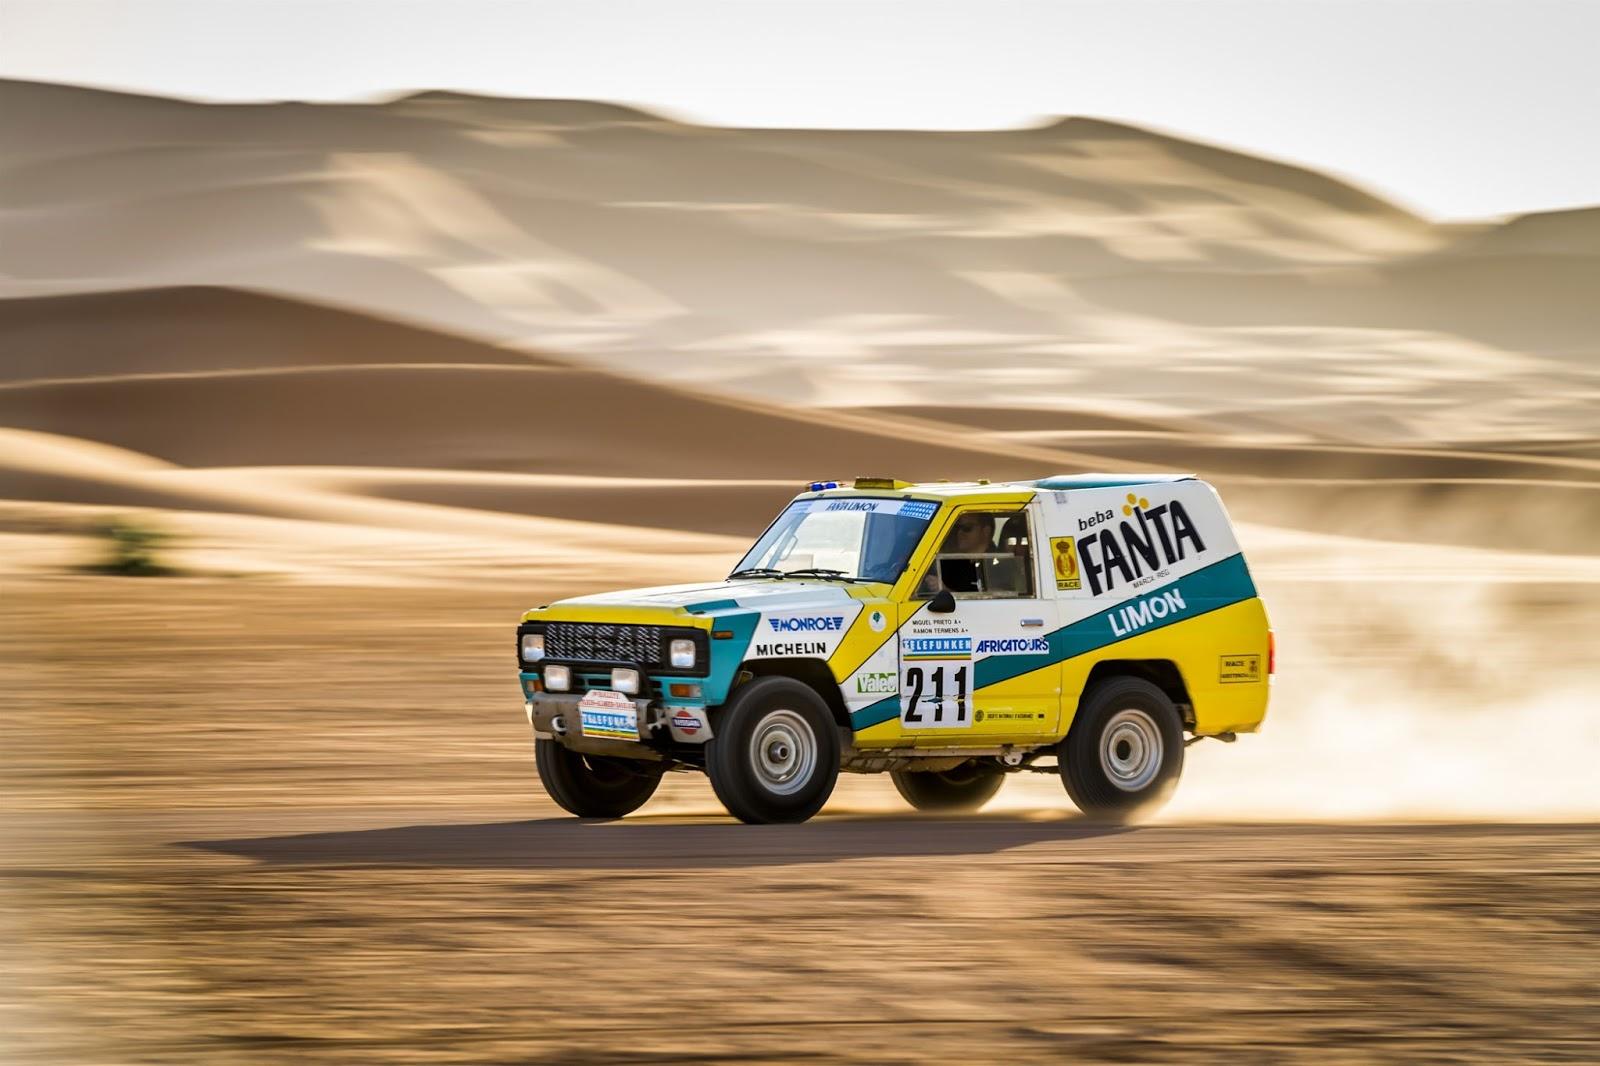 Patrol3 Η Nissan δίνει και πάλι ζωή στο θρυλικό Patrol του 1987, που έτρεξε στο rally Paris – Dakar Nissan, Nissan Patrol, Nissan Patrol Fanta Limon, Offroad, Rally Dakar, Rally Paris – Dakar, videos